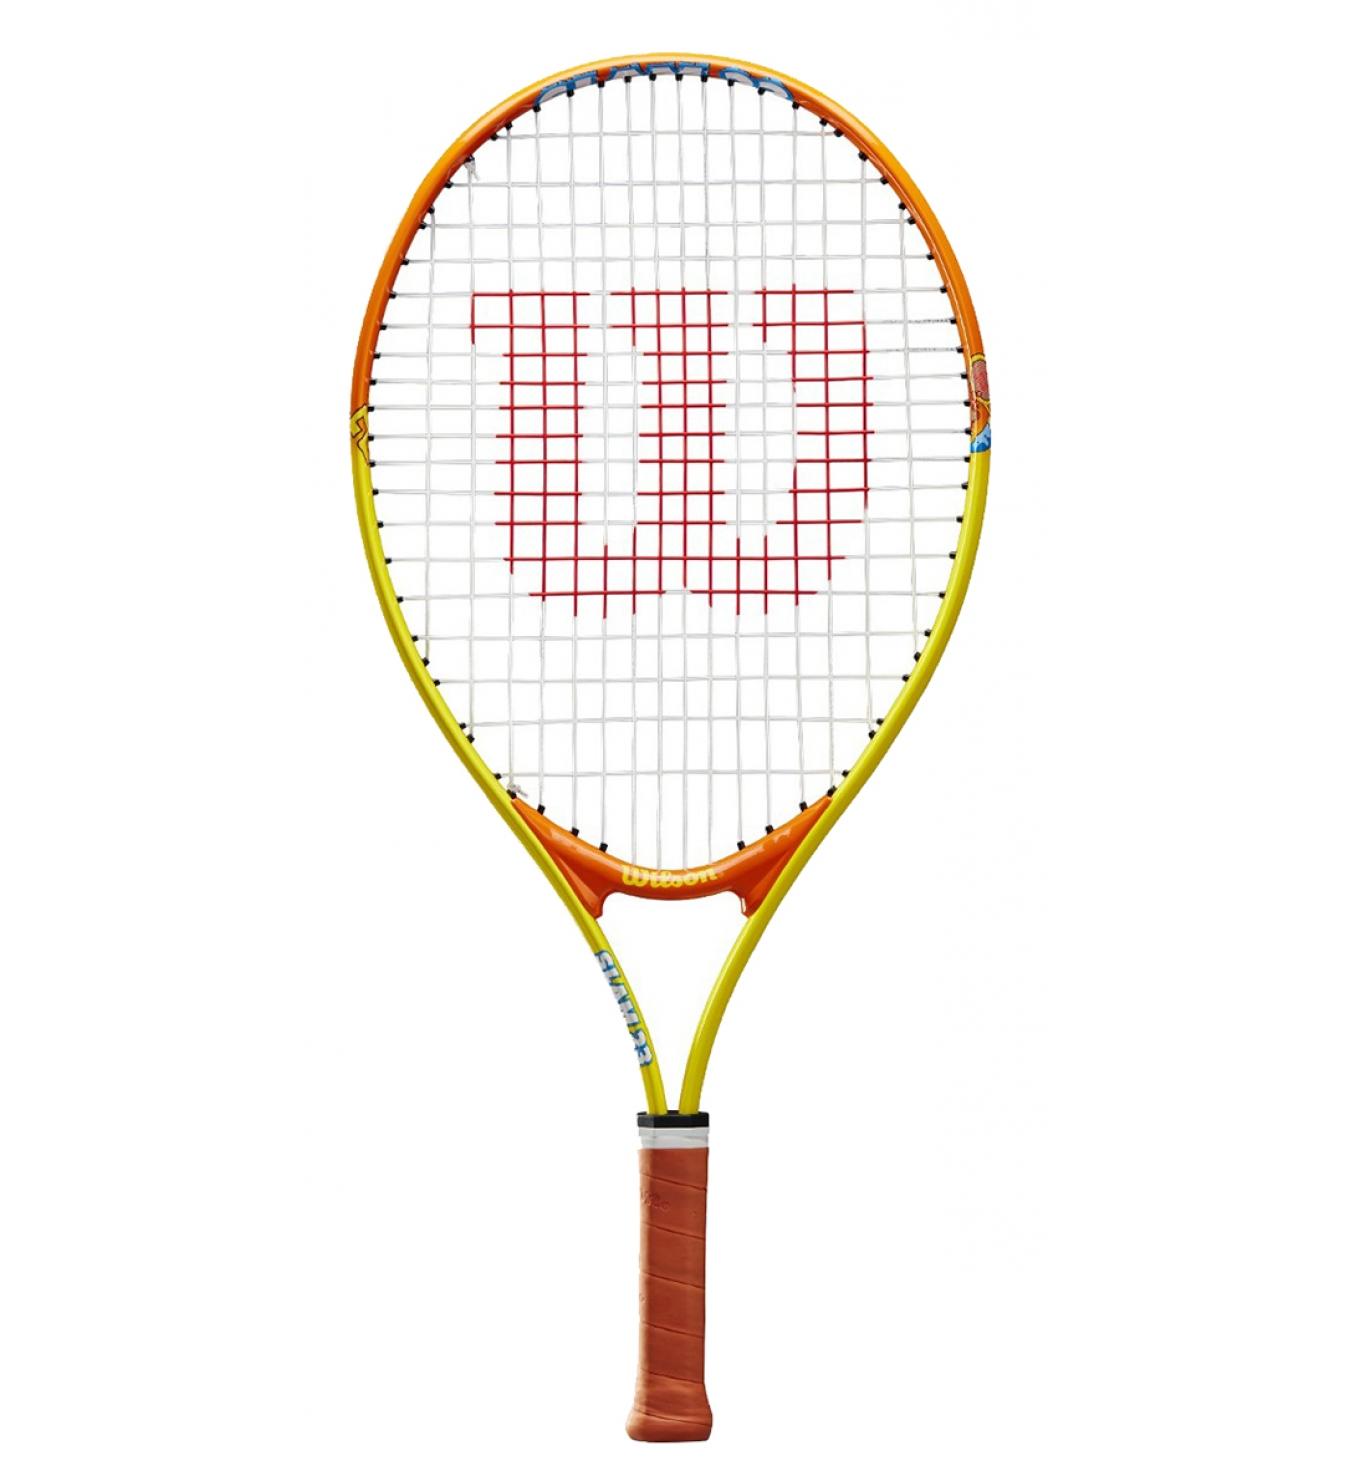 082db24f647 Wilson SLAM 23    Tenis-shop    Najväčší autorizovaný predajca v SR a ČR